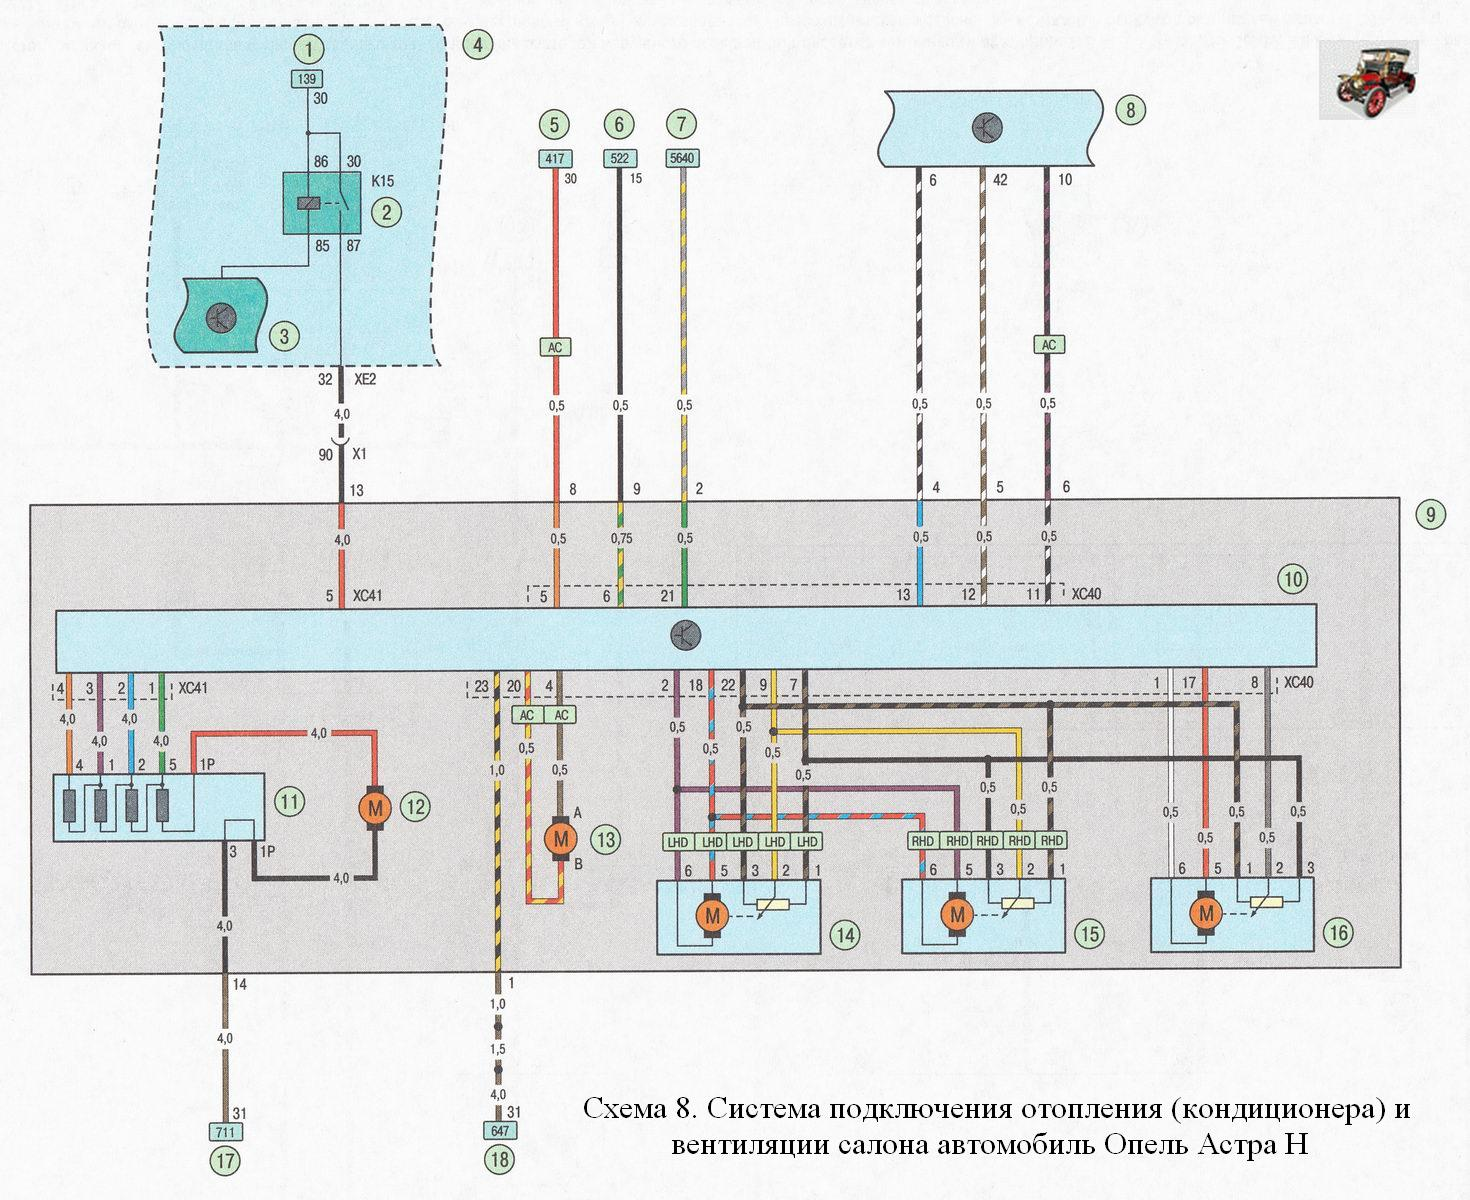 Электрическая схема астра опель h